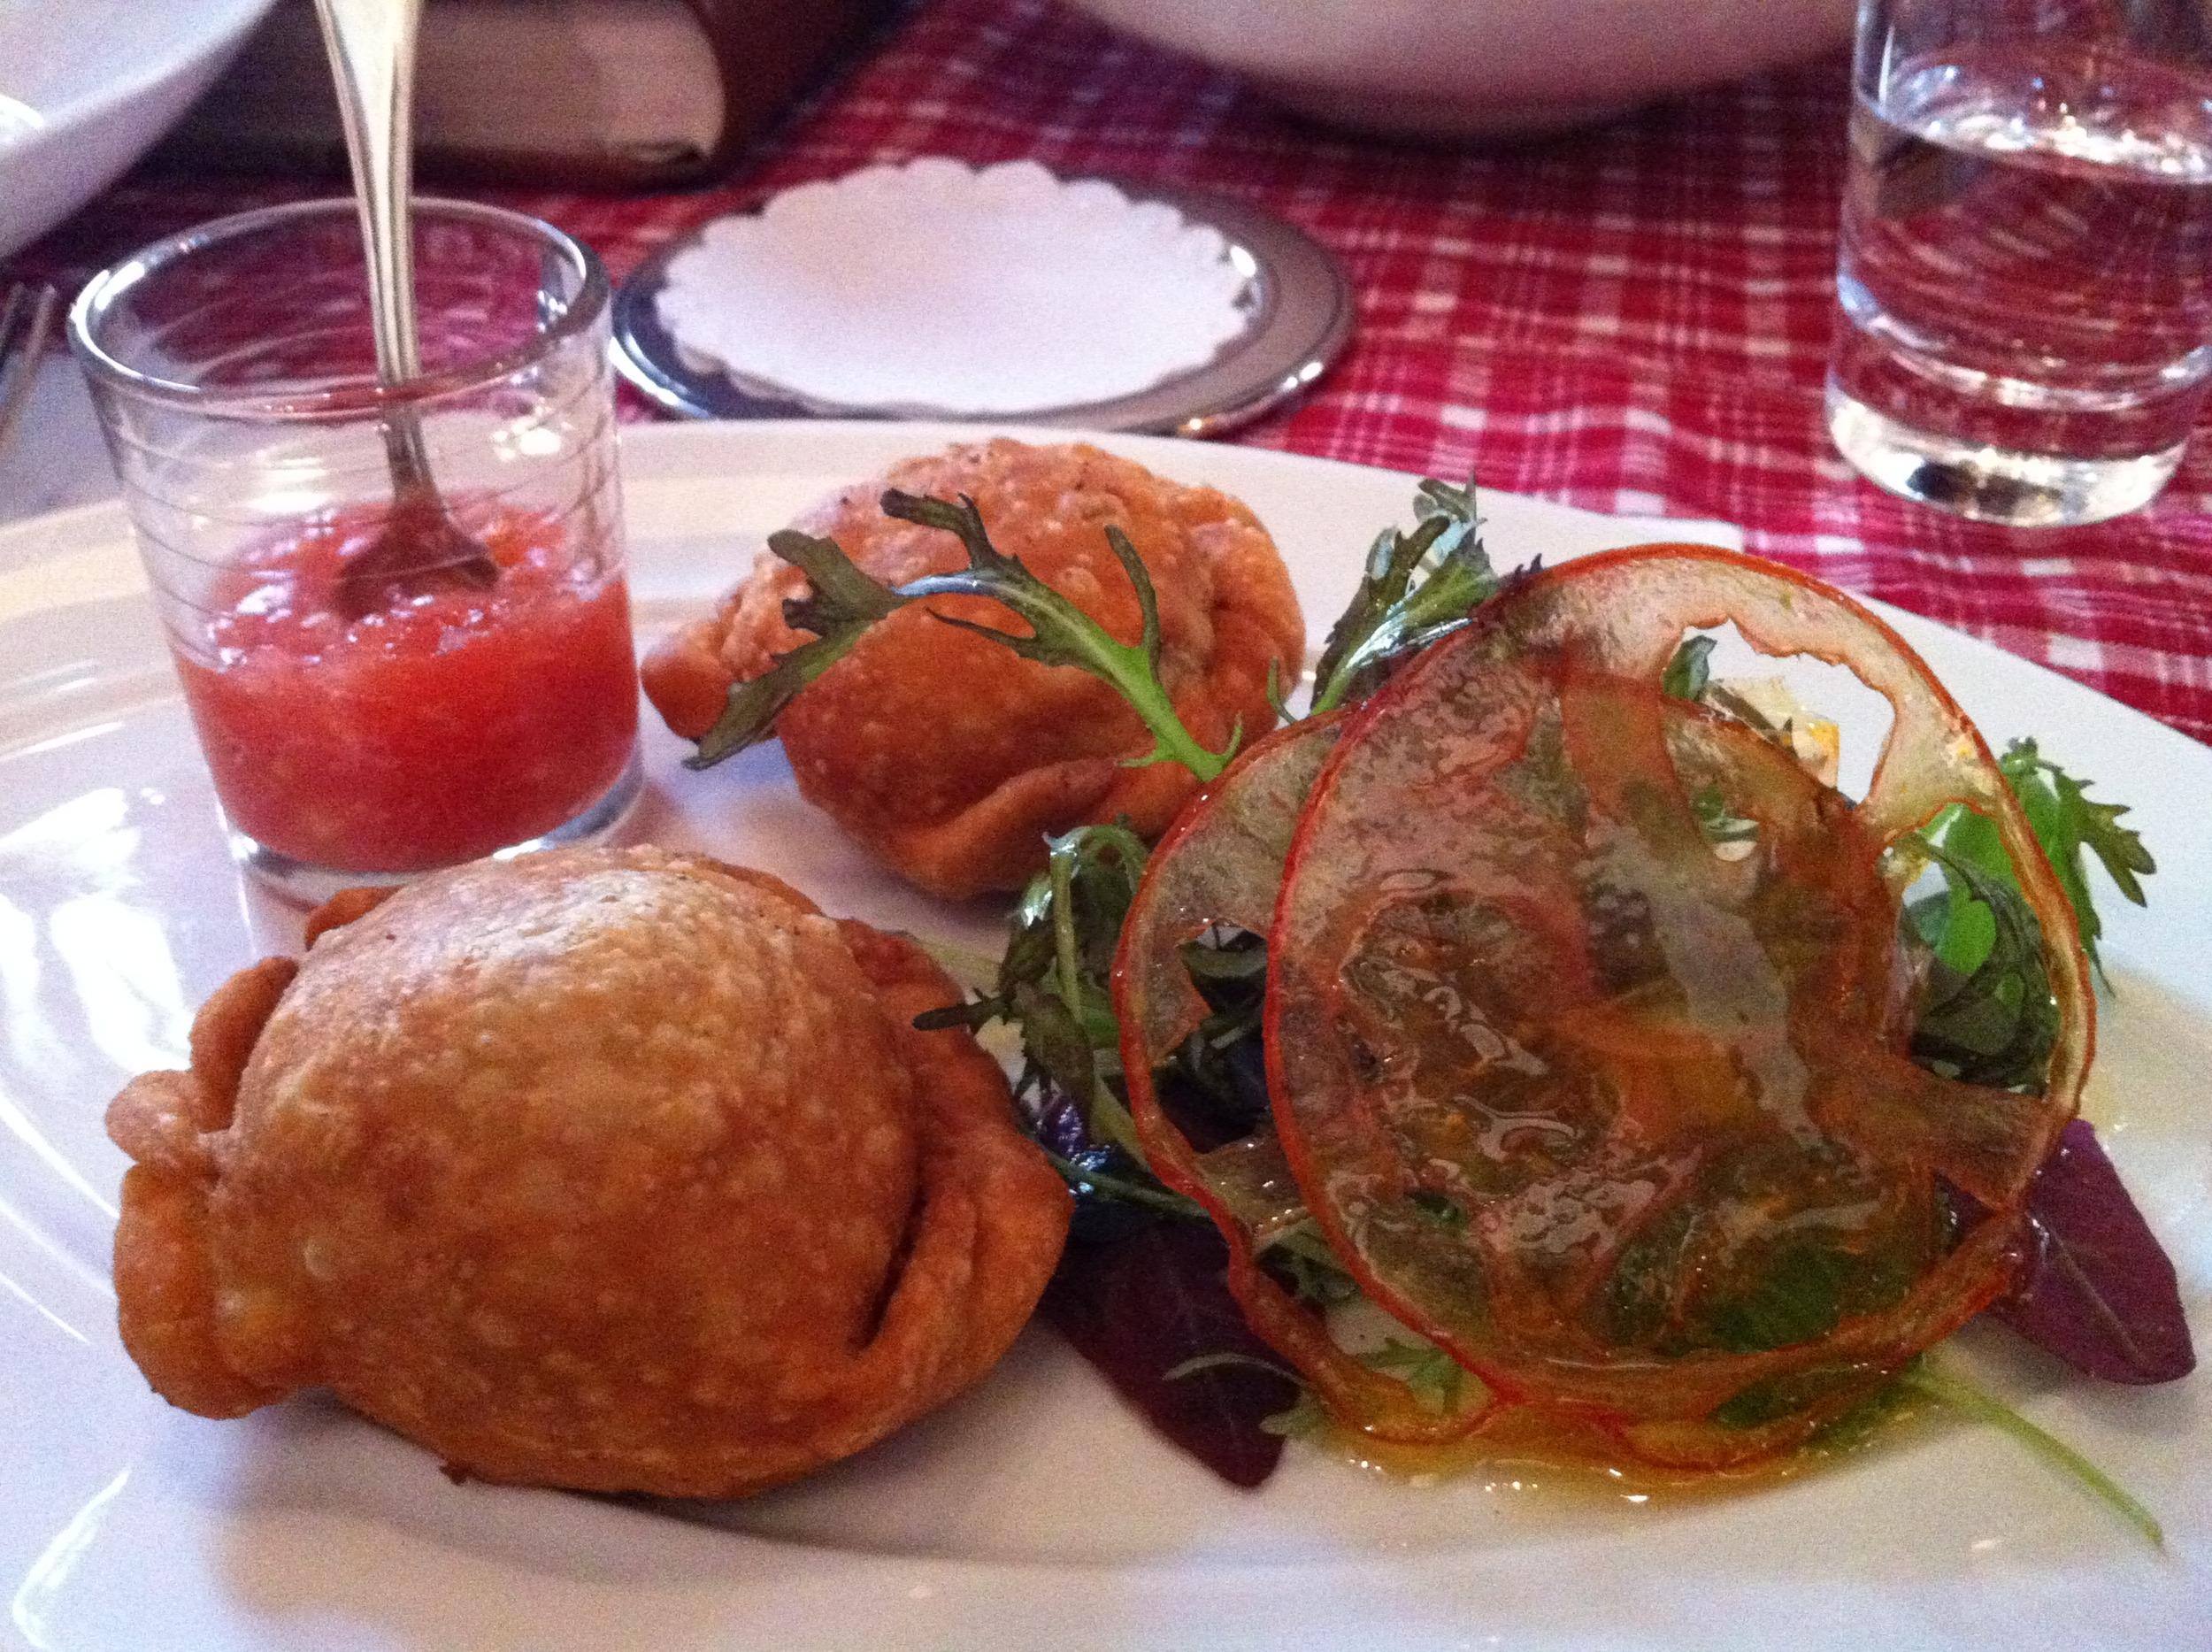 Las empanadas Mendocinas! Perfectas! Destaque para o vinagretinho de tomates que está delicioso e temperava as empanadas muito bem.